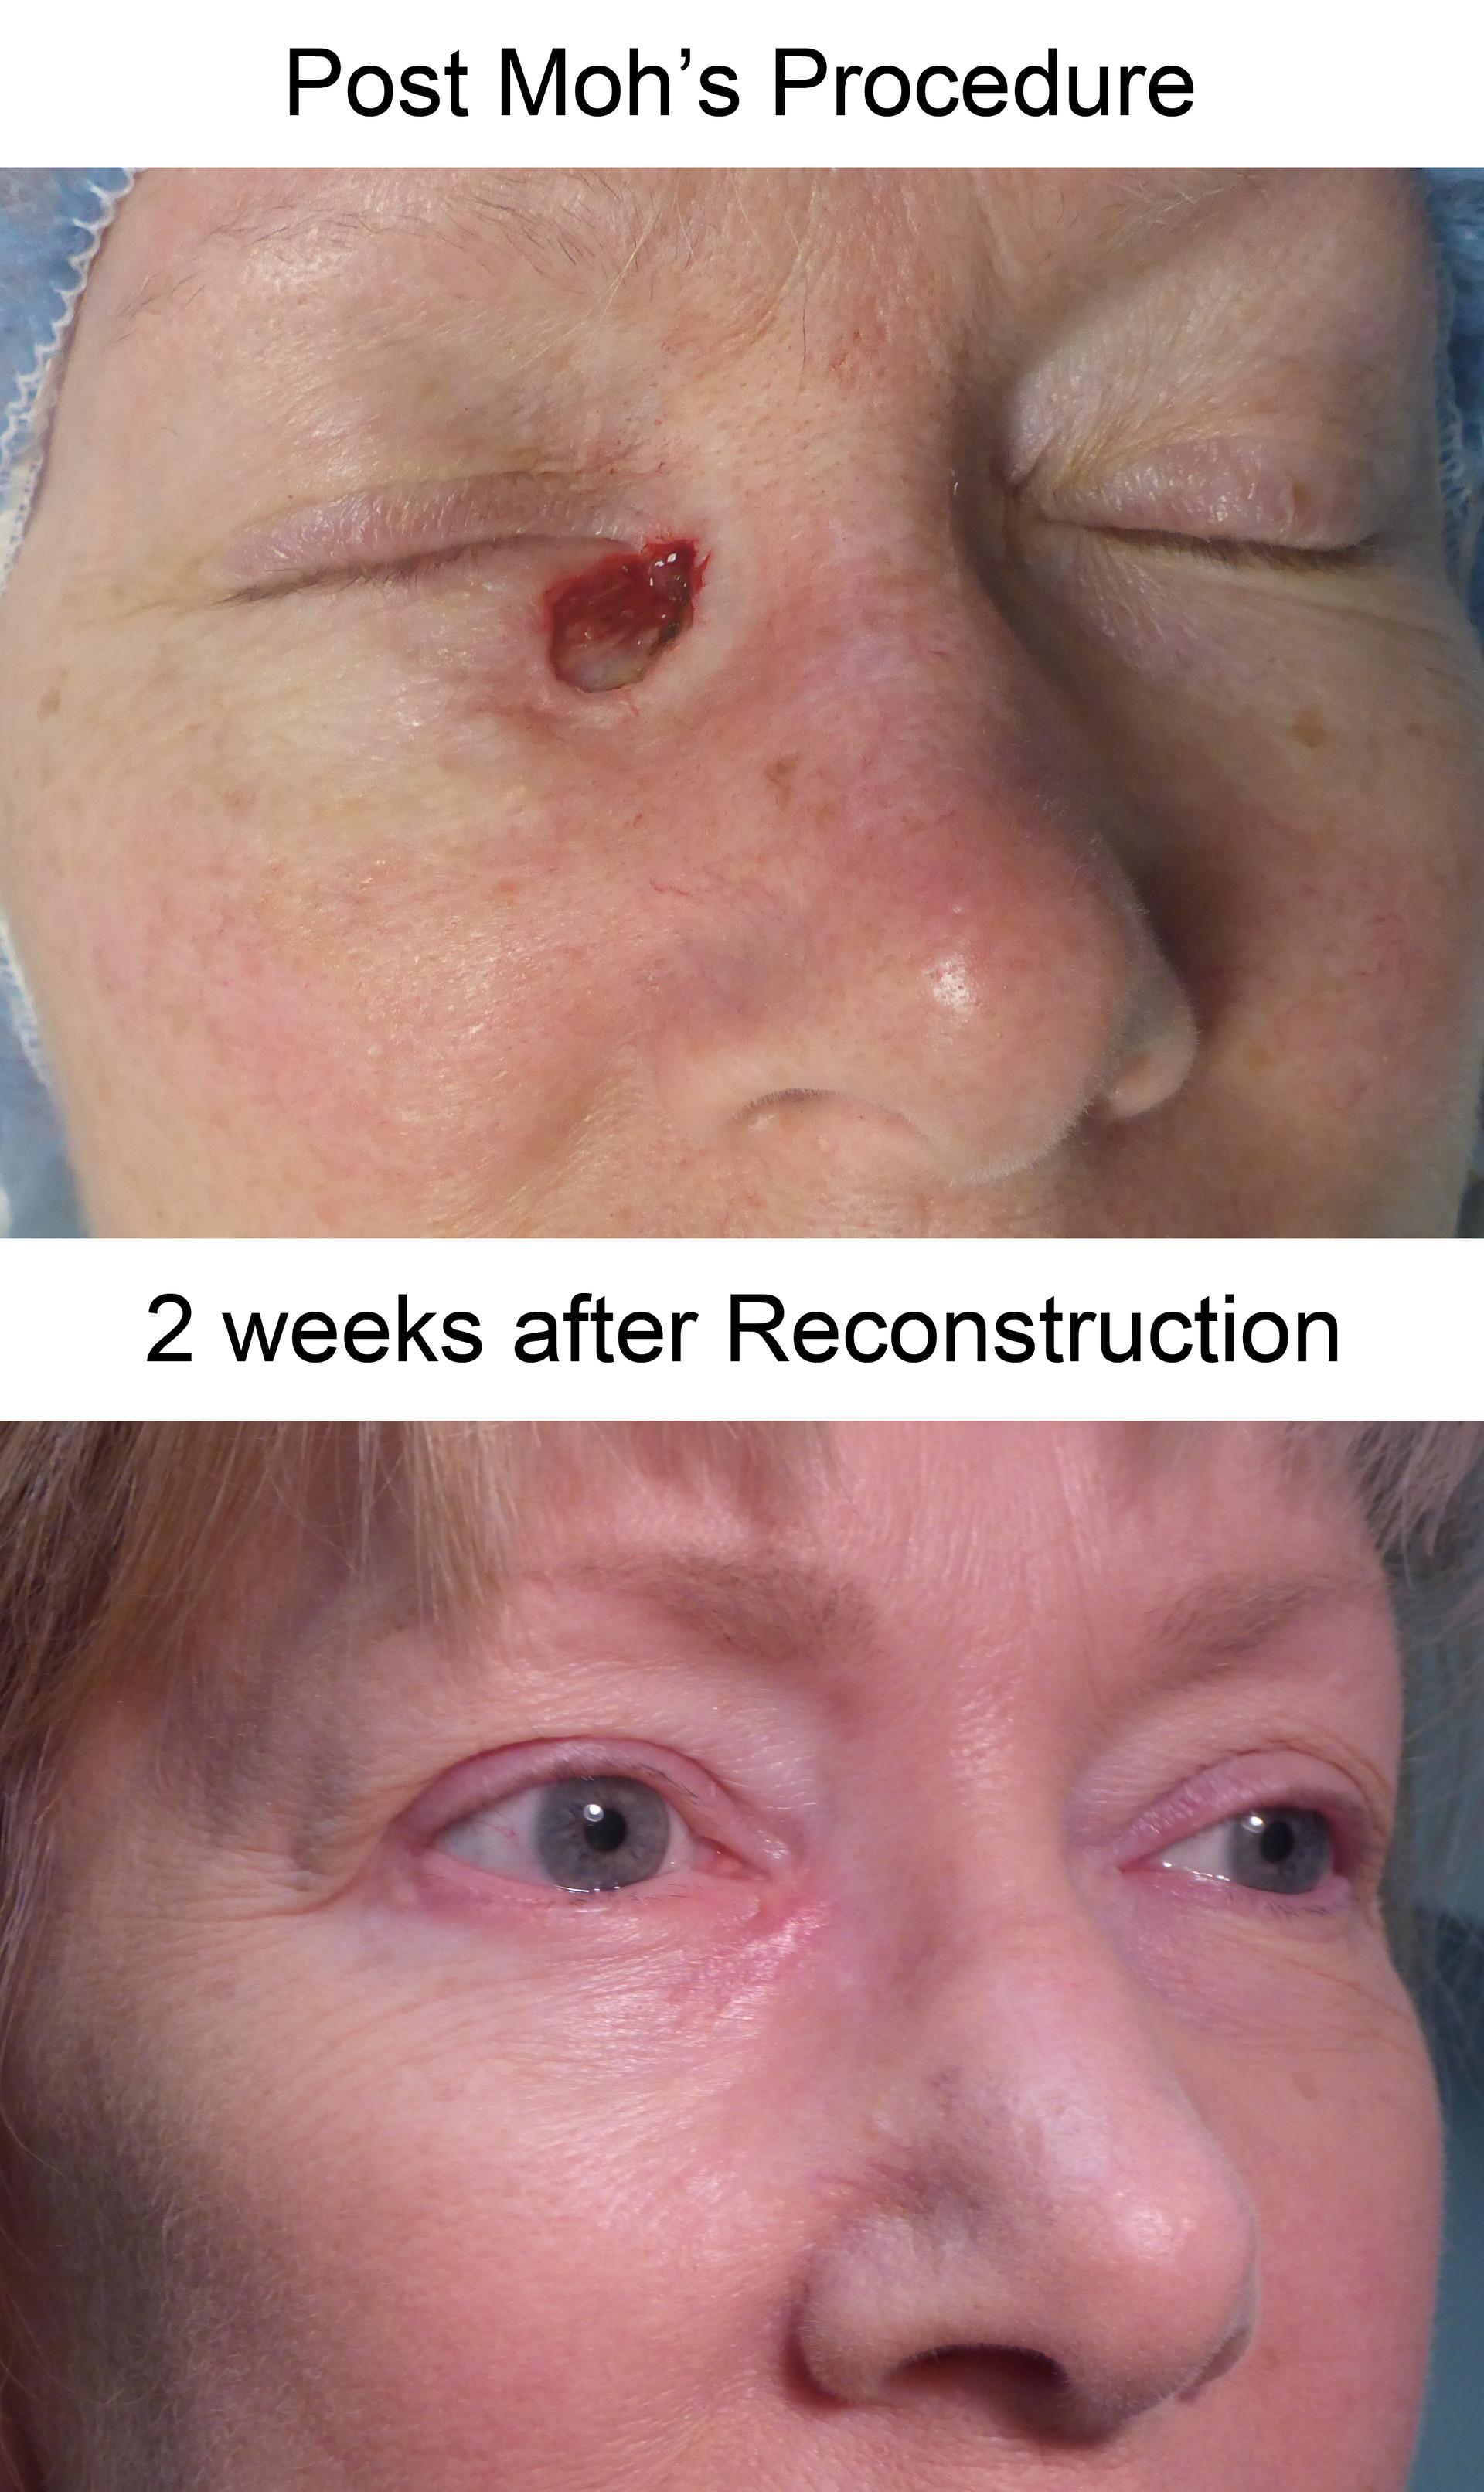 ReconstructionPostMohs-KT.jpg